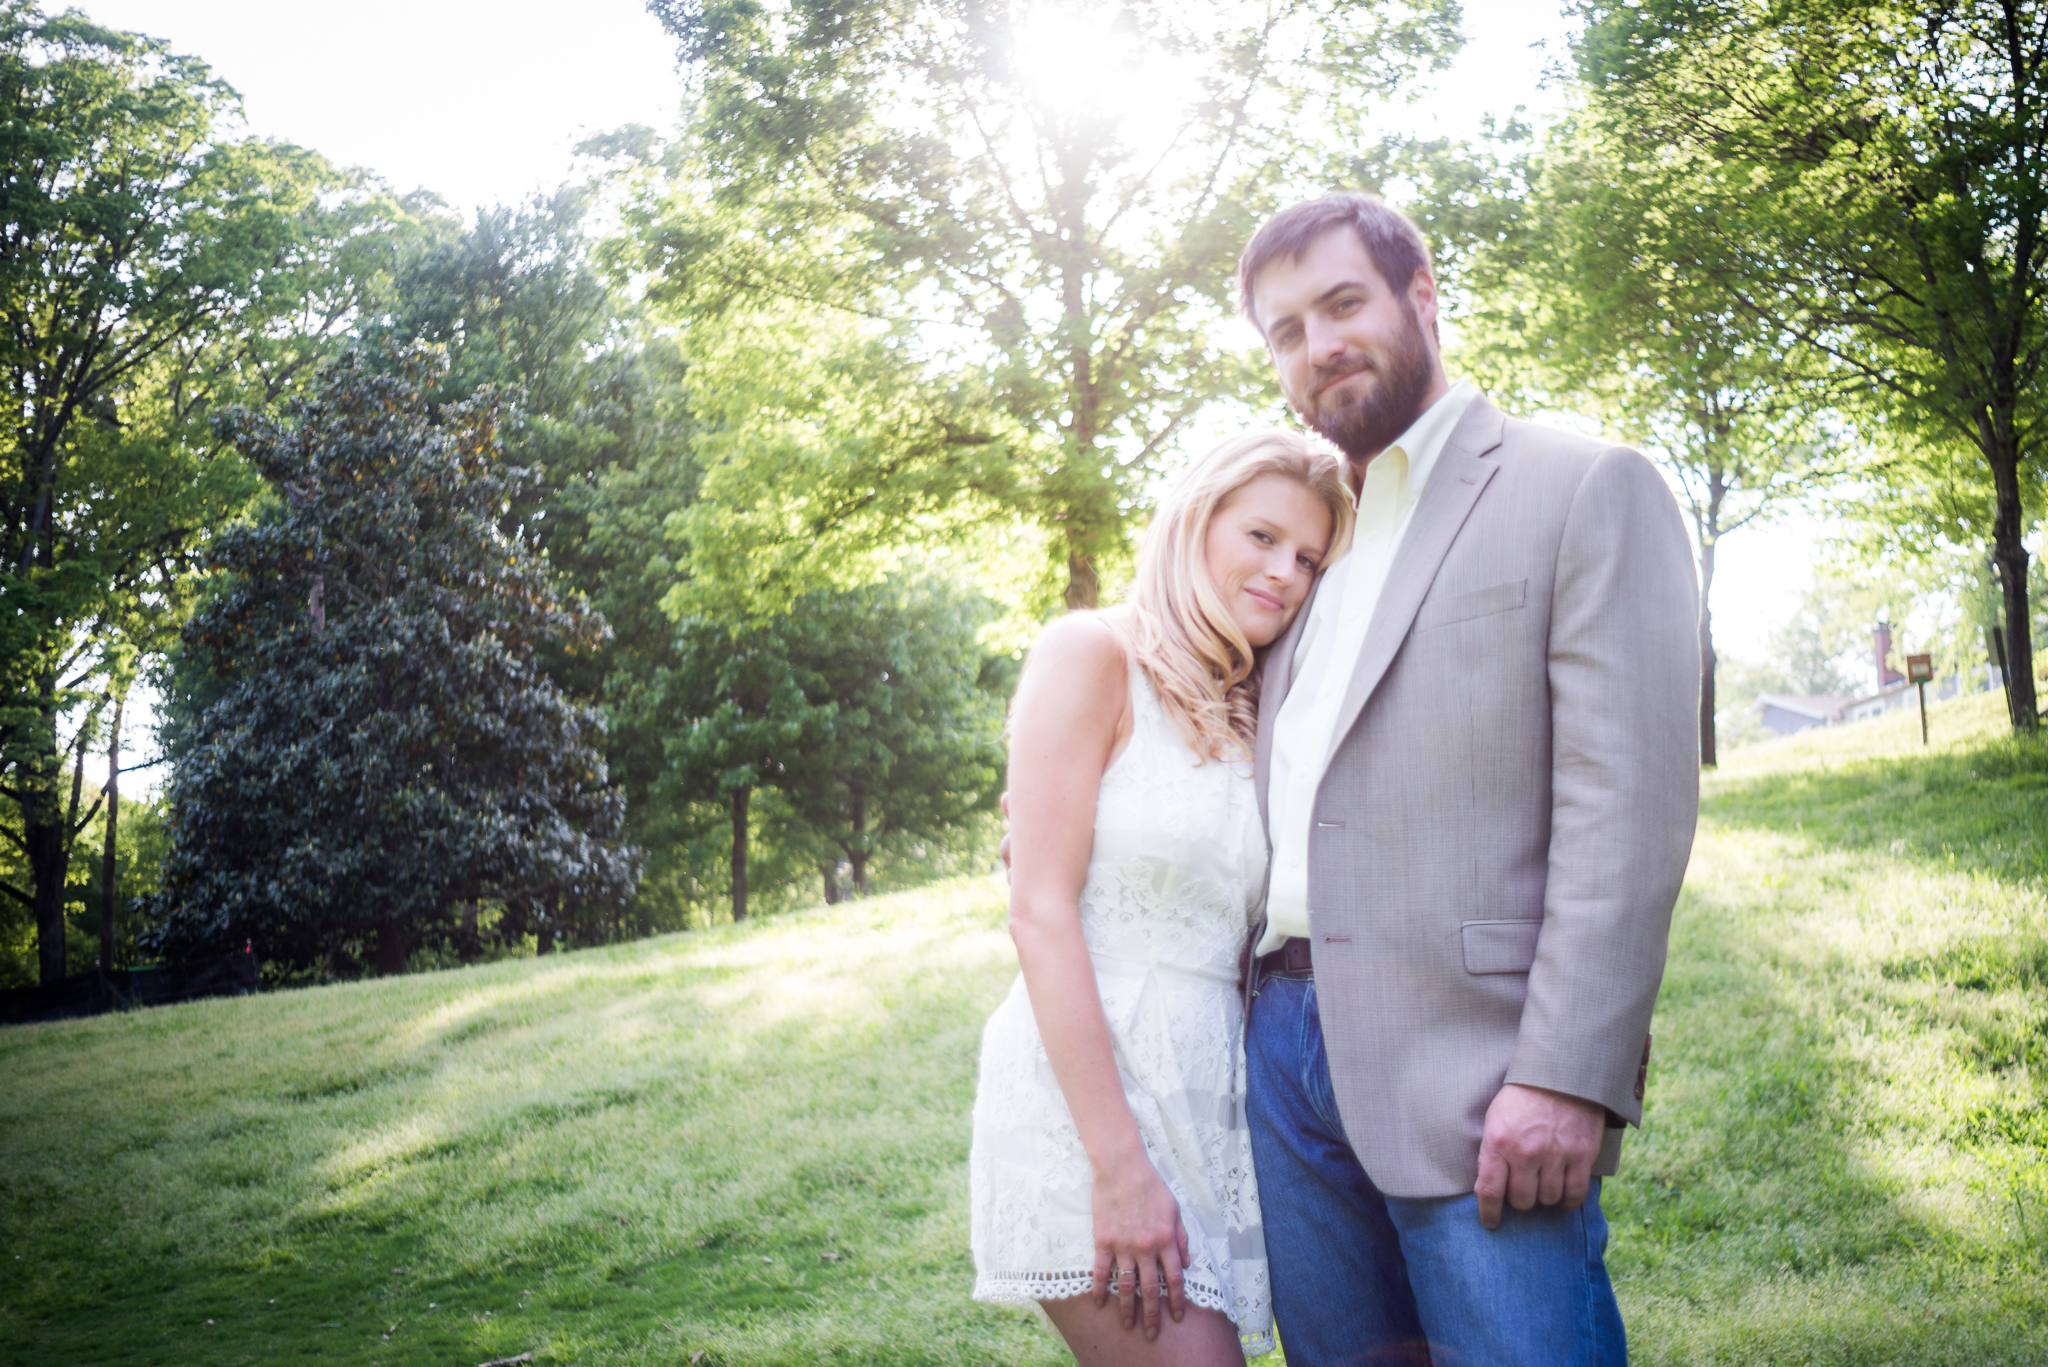 MorganKaty_engagement_wedding_iwally-8.jpg